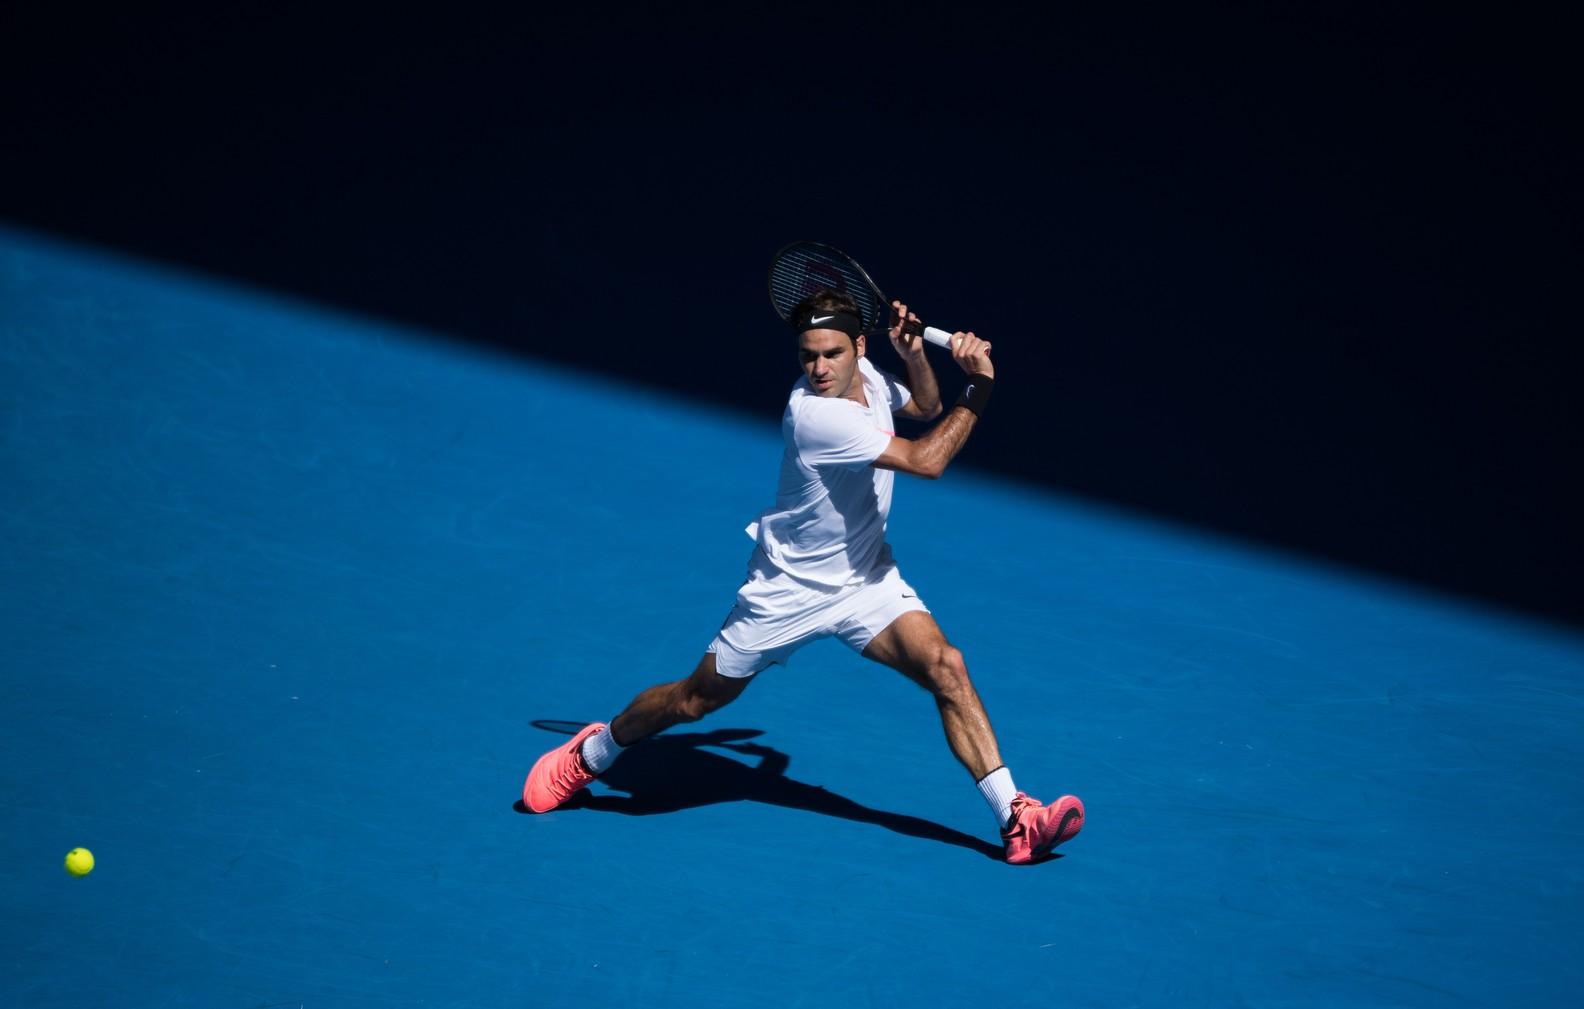 Rolex Lebanon A&S Chronora Roger Federer Australian Open